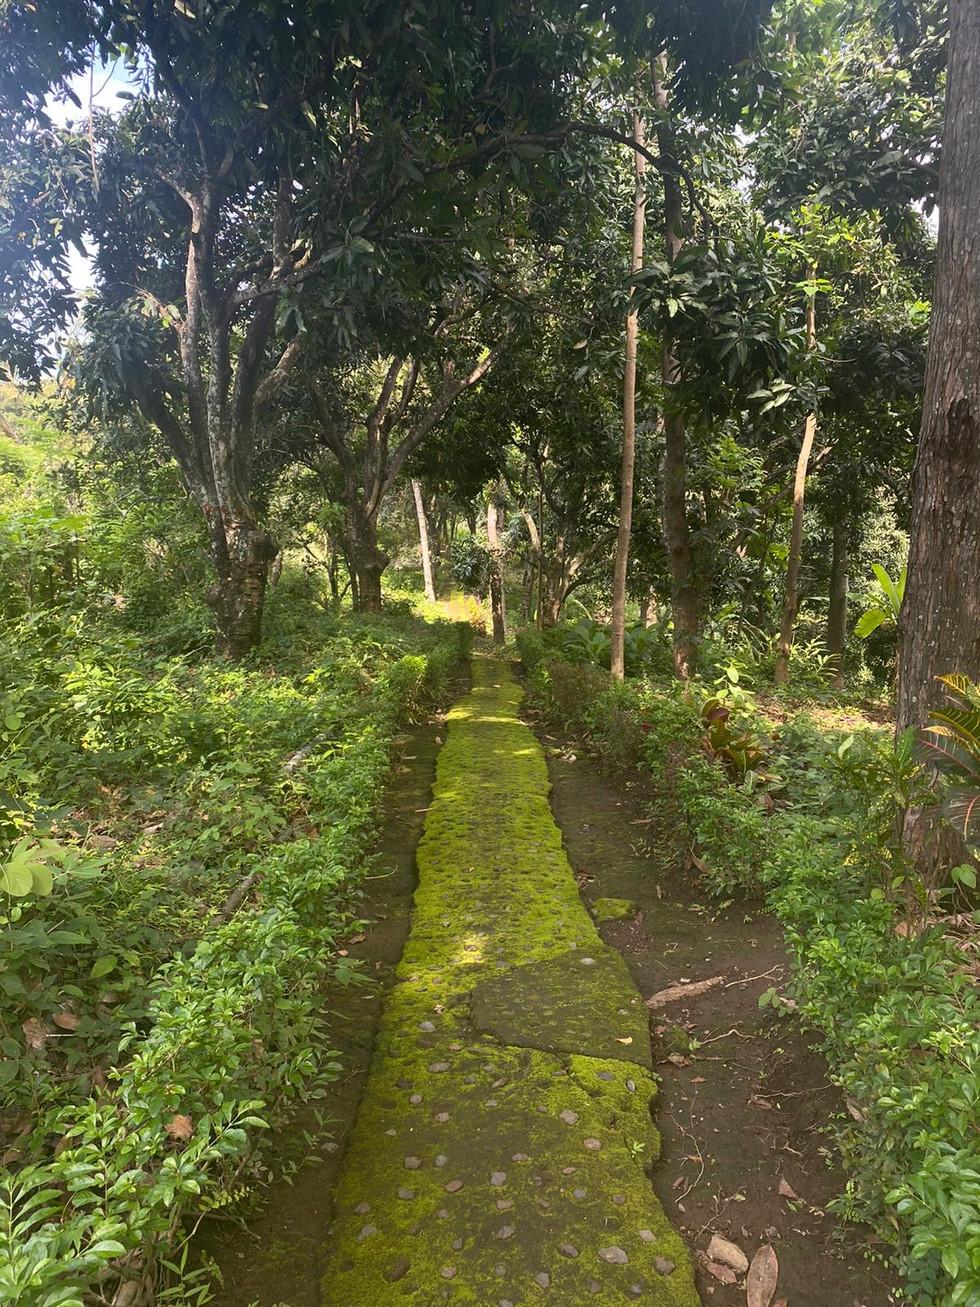 Retreat Pathway